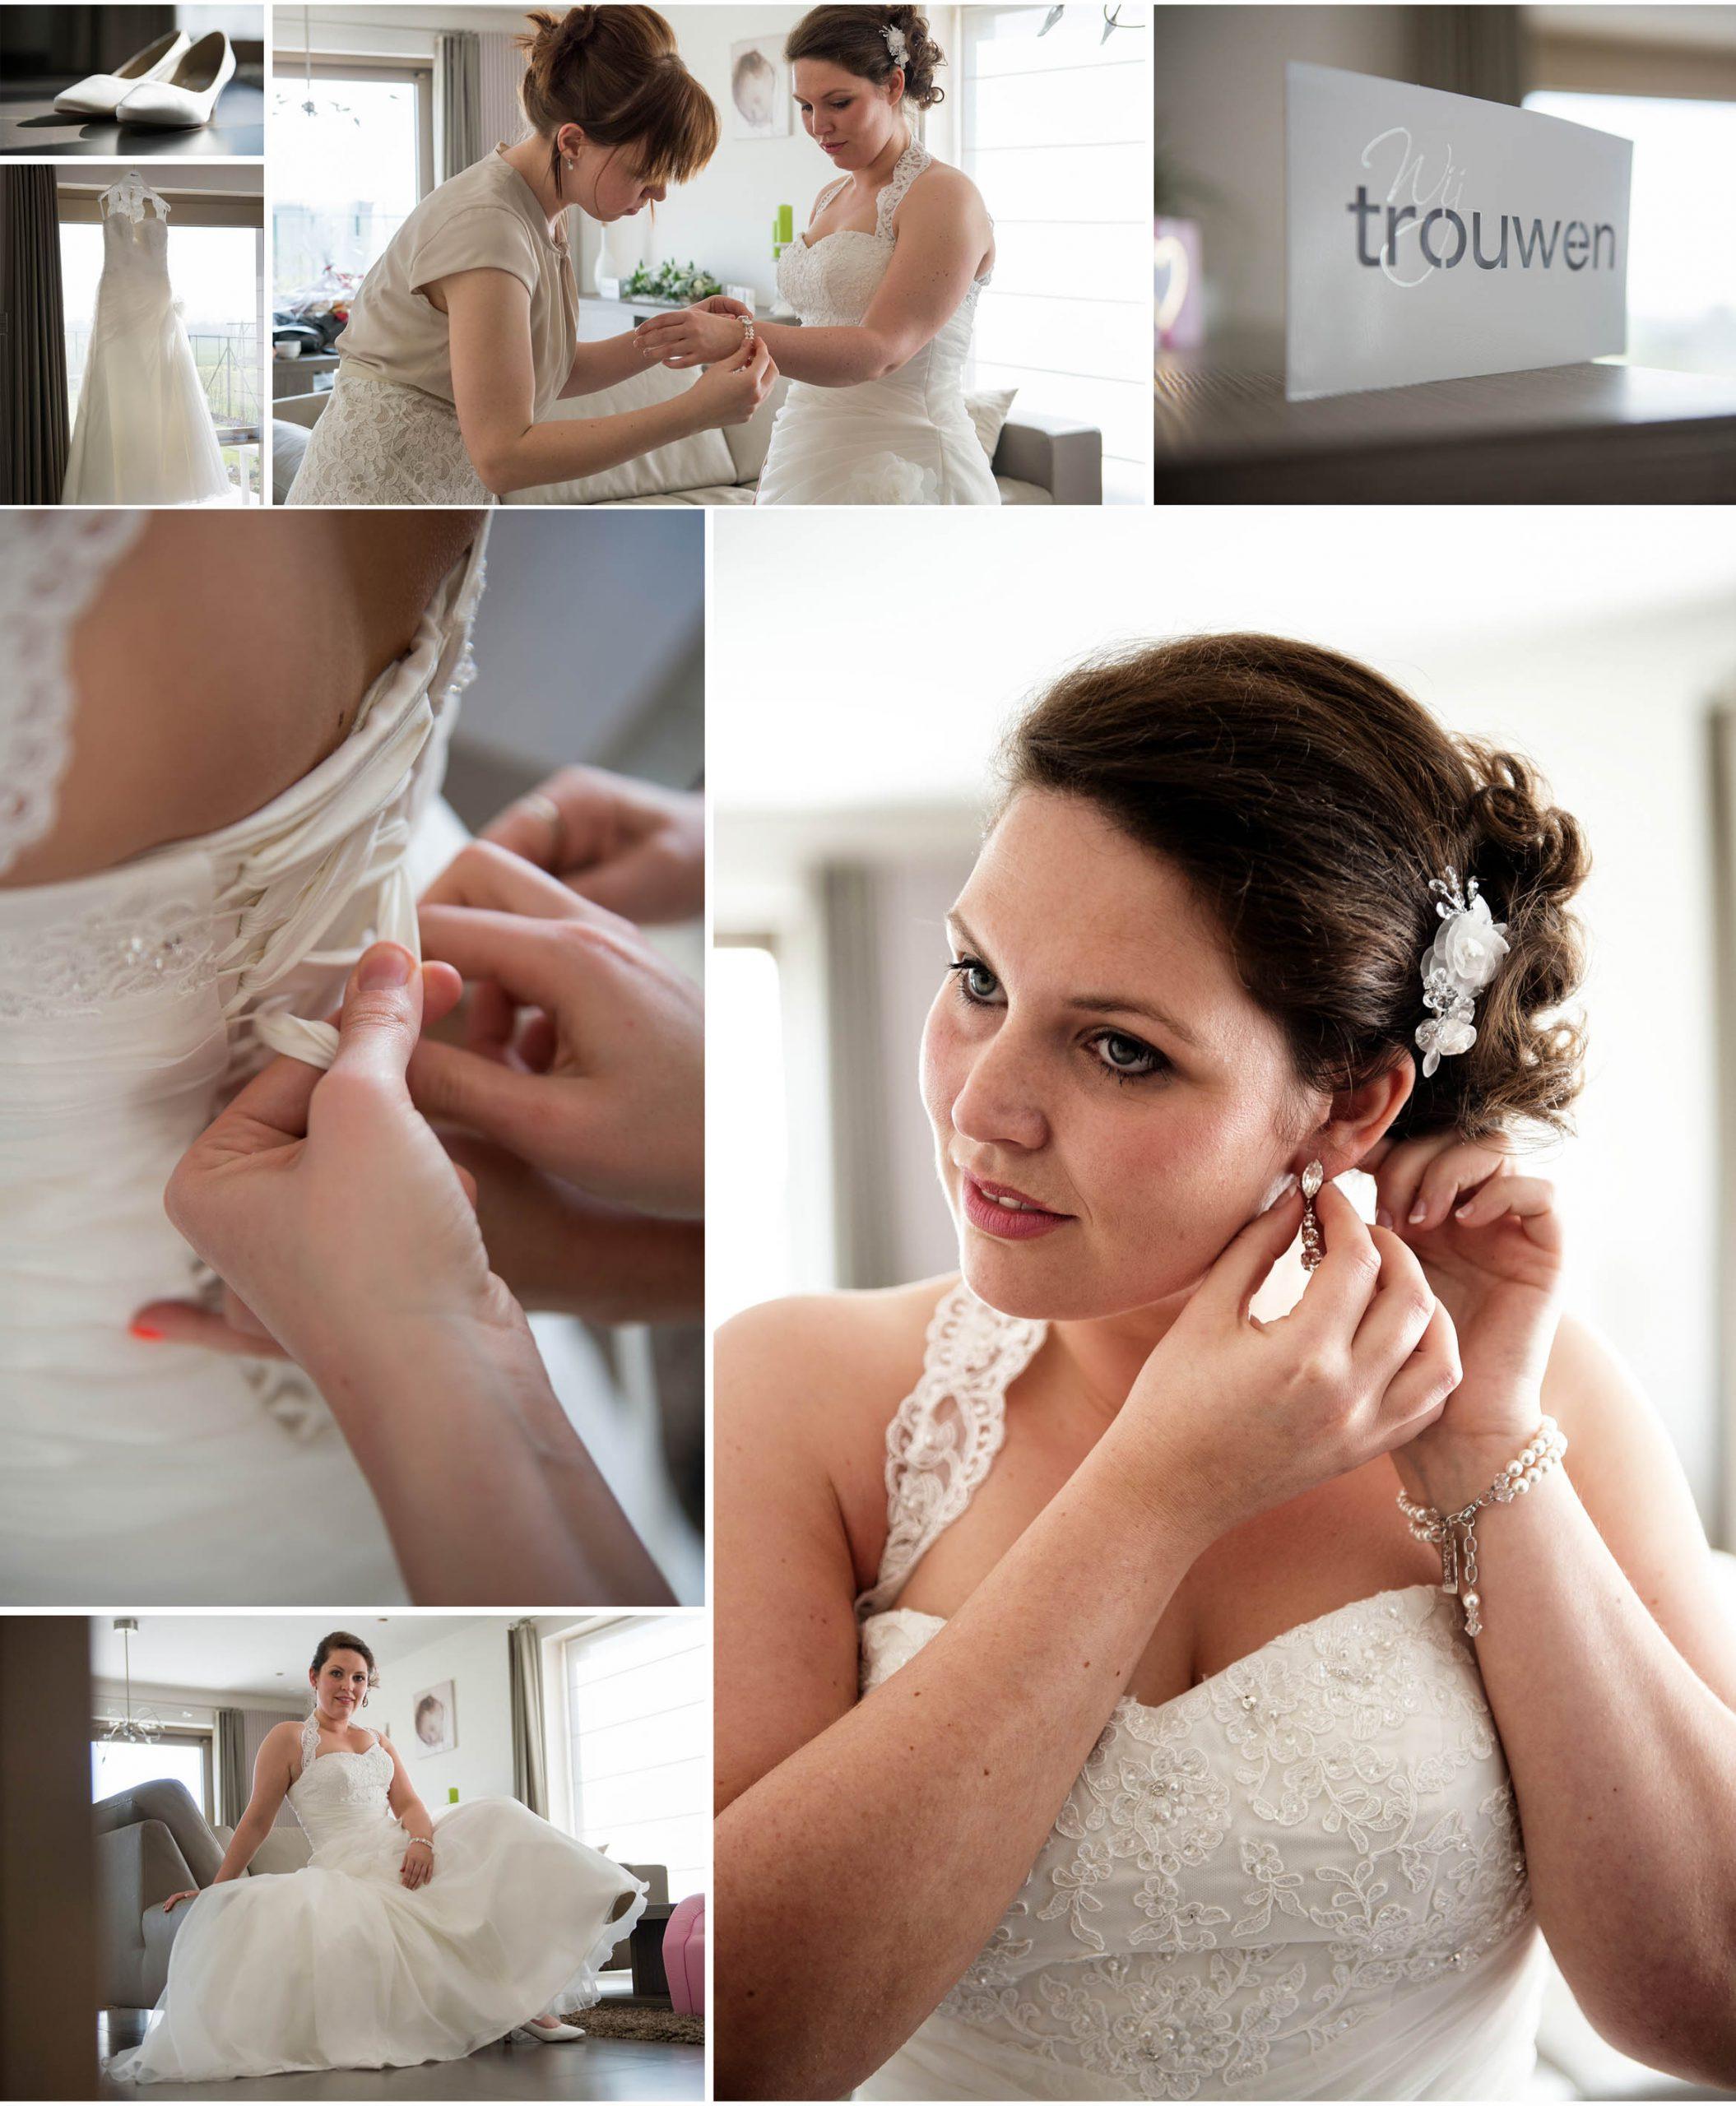 huwelijksfotograaf Gent ipon